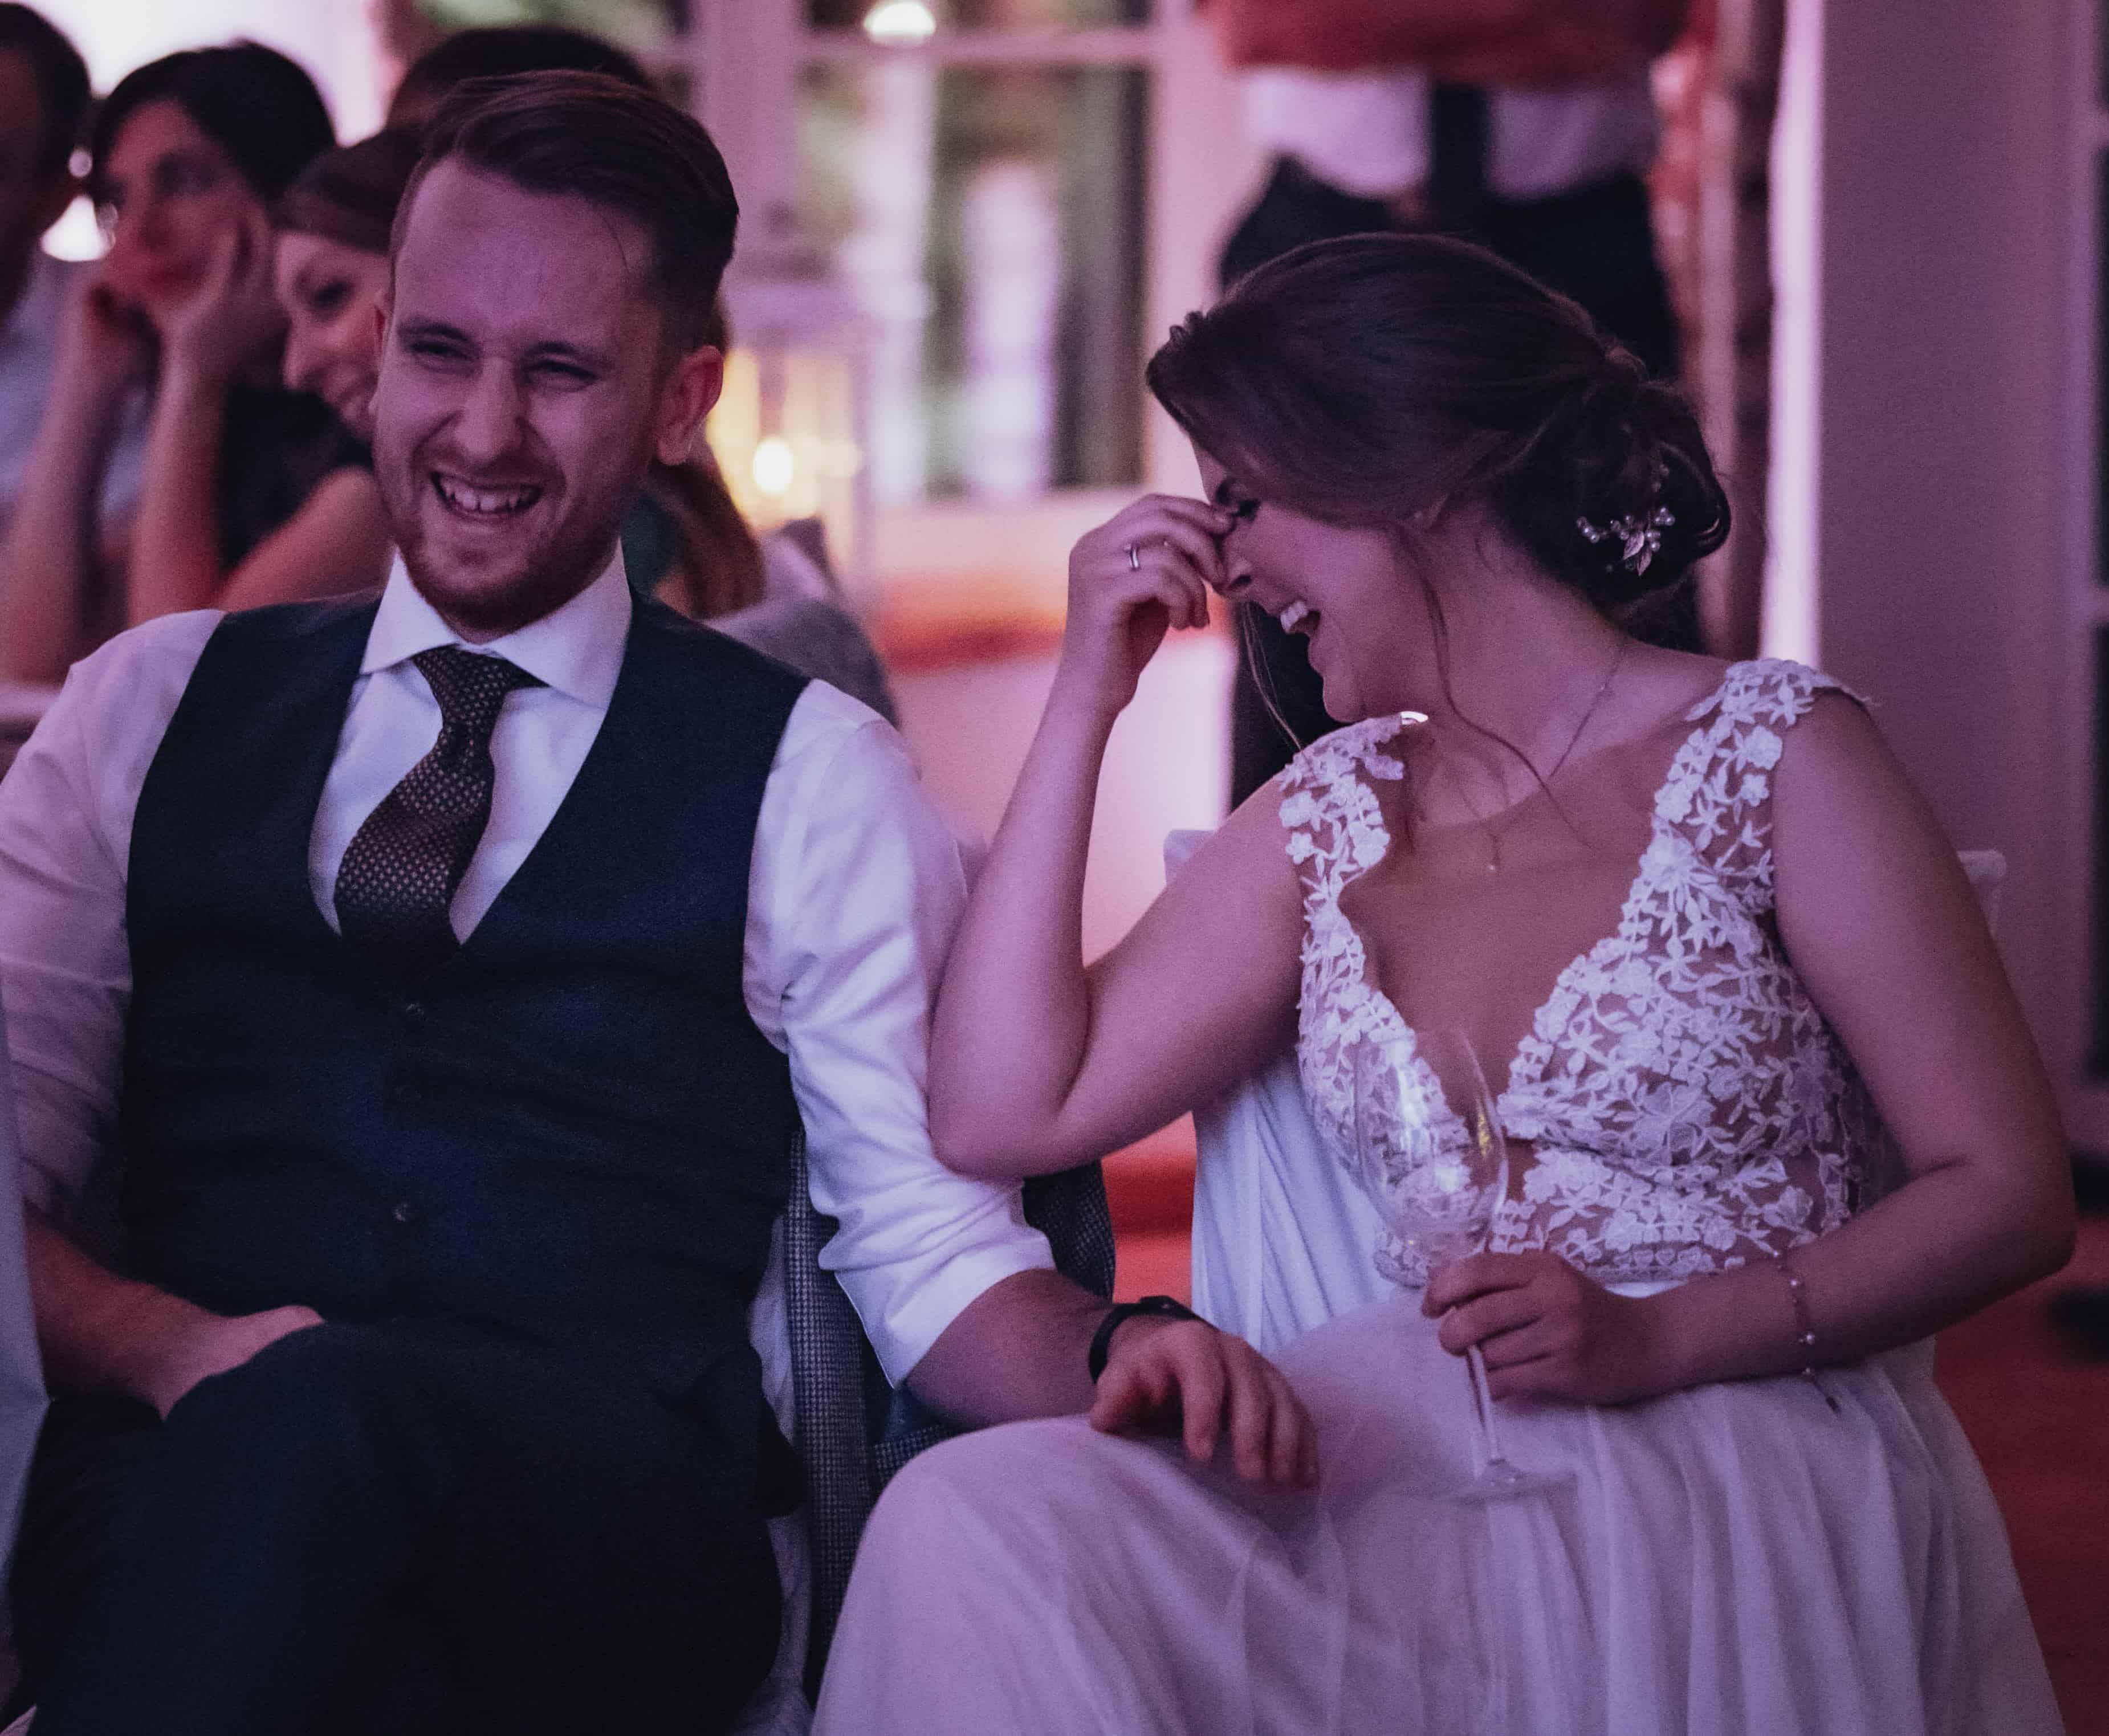 Gerührtes Brautpaar über die EInlagen und Ansprachen am Hochzeitstag